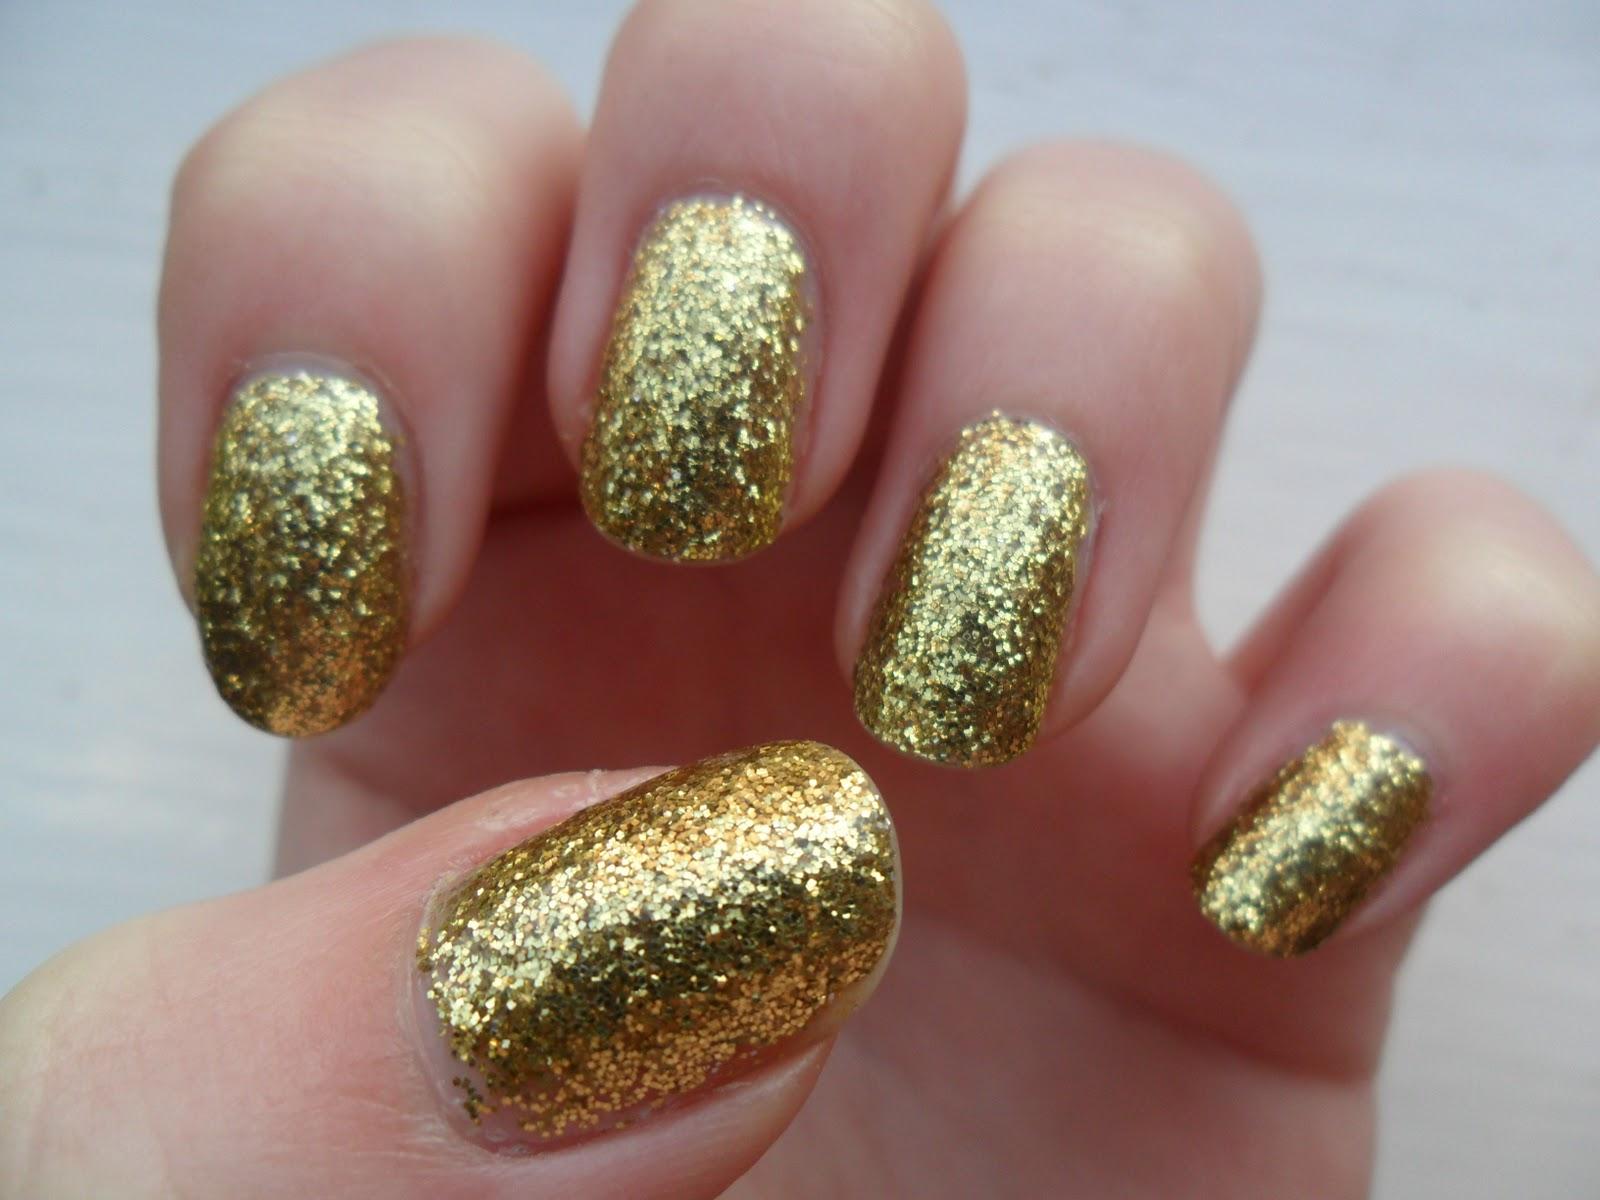 The Woollen Mitten: Gold Fiingar! aka W7 gold dazzle swatch